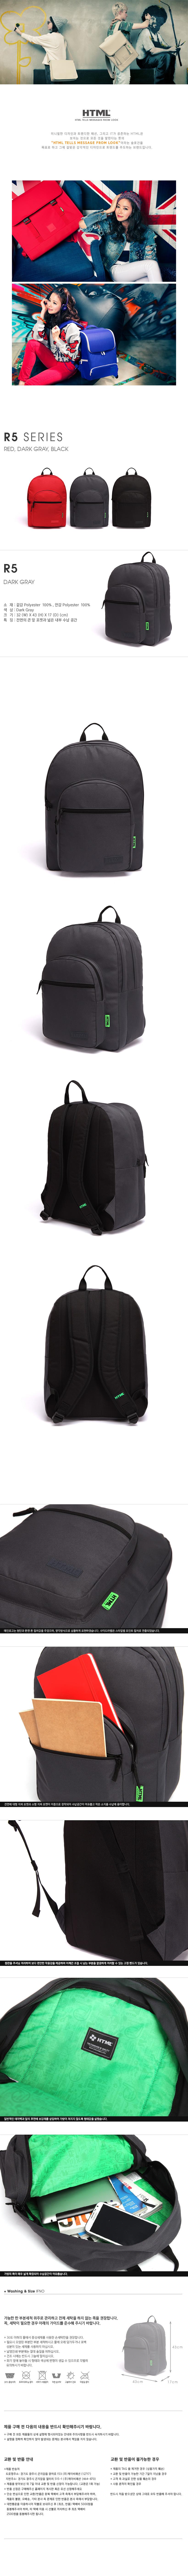 [에이치티엠엘]HTML- R5 Backpack (Dark gray)_백팩